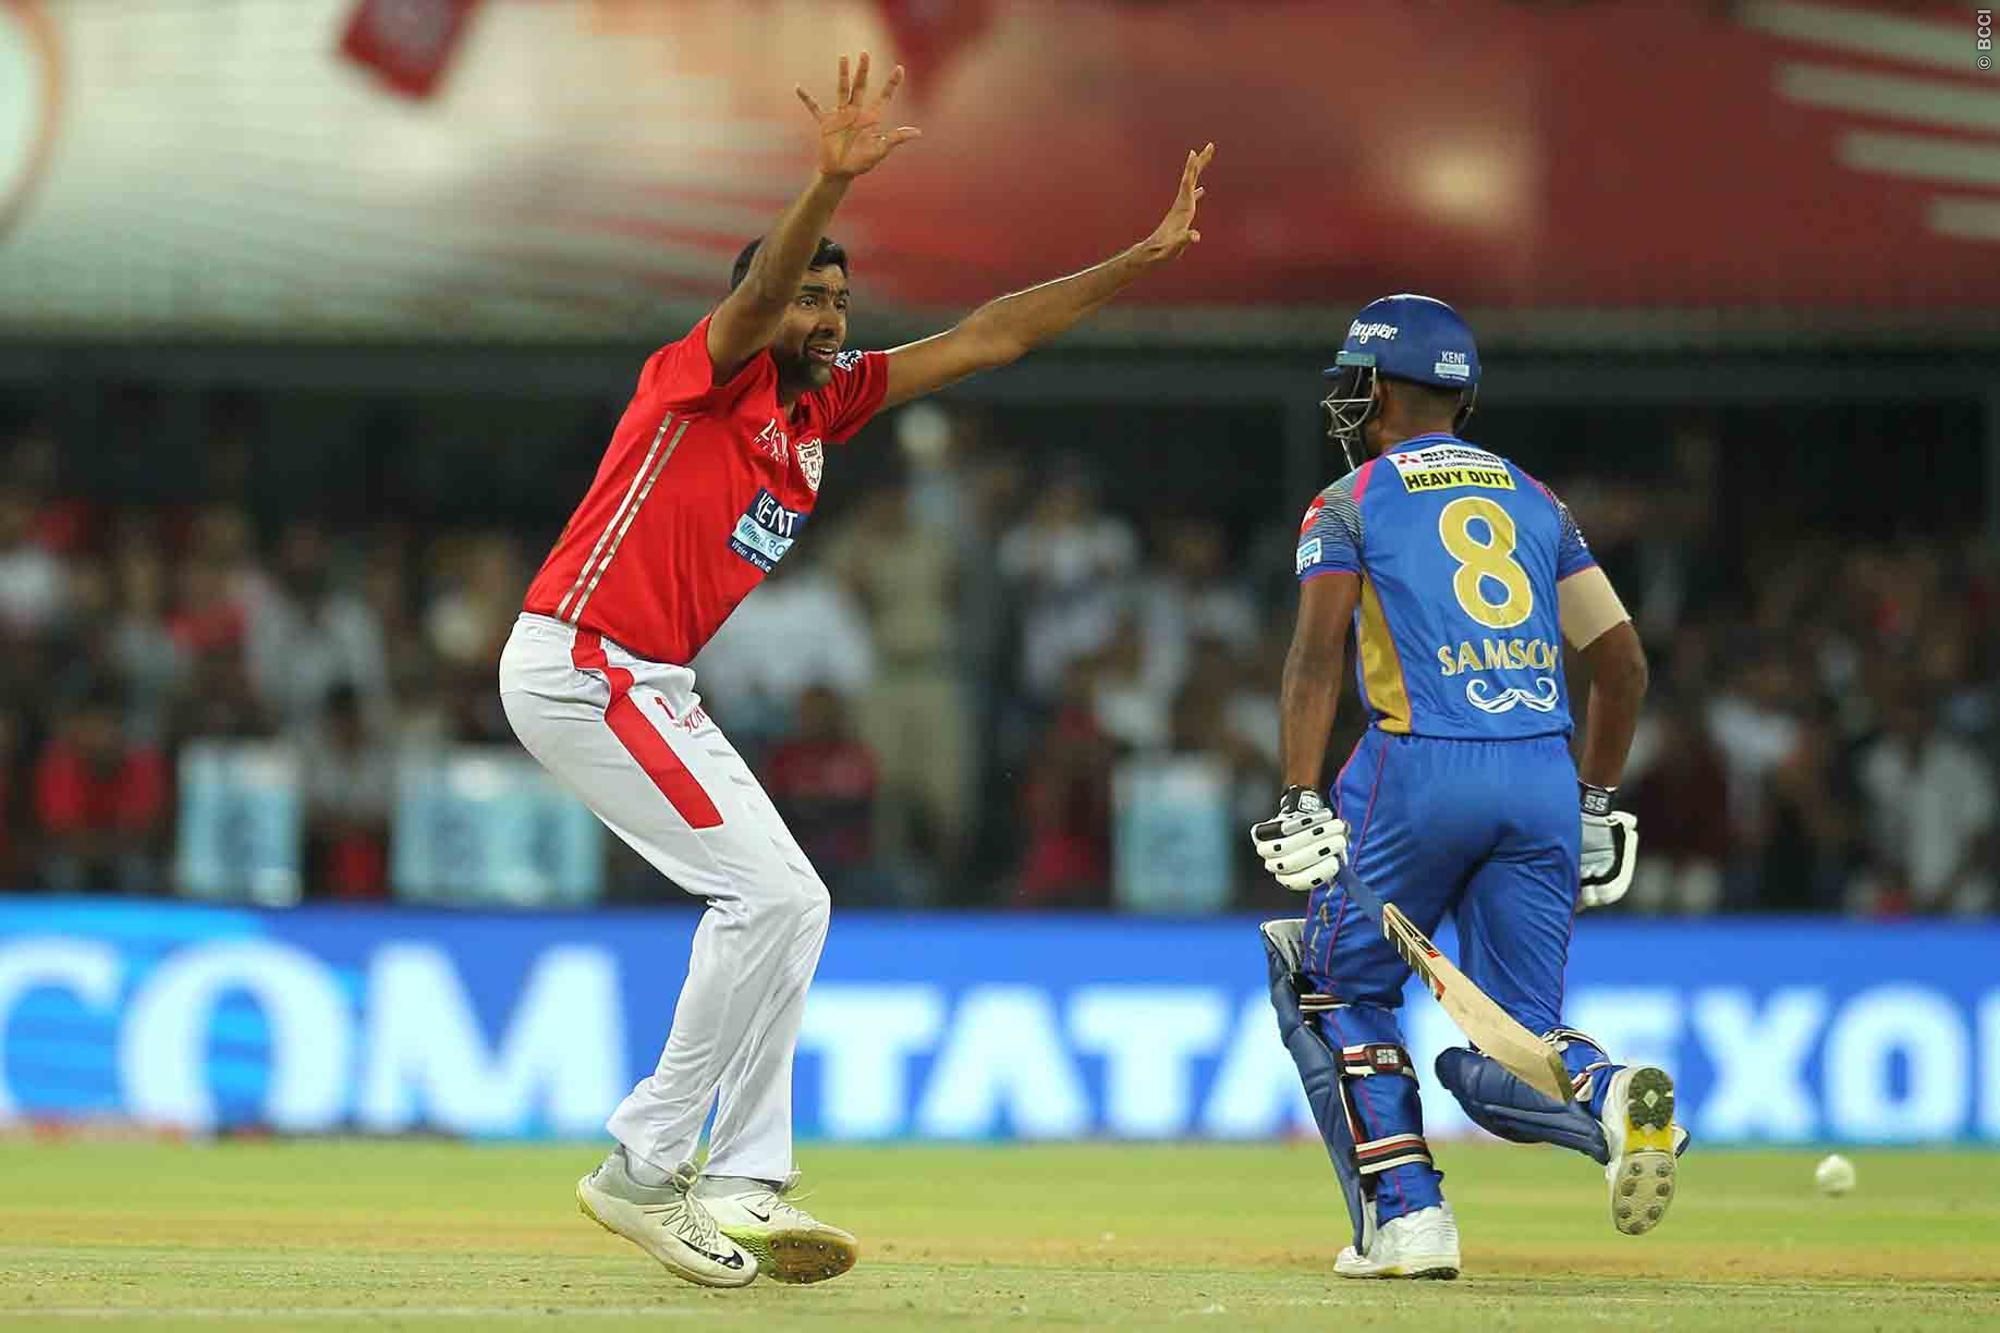 IPL 2018: अजिंक्य रहाणे की इस छोटी सी गलती की वजह से लोकेश राहुल ने छीन लिया राजस्थान से मैच